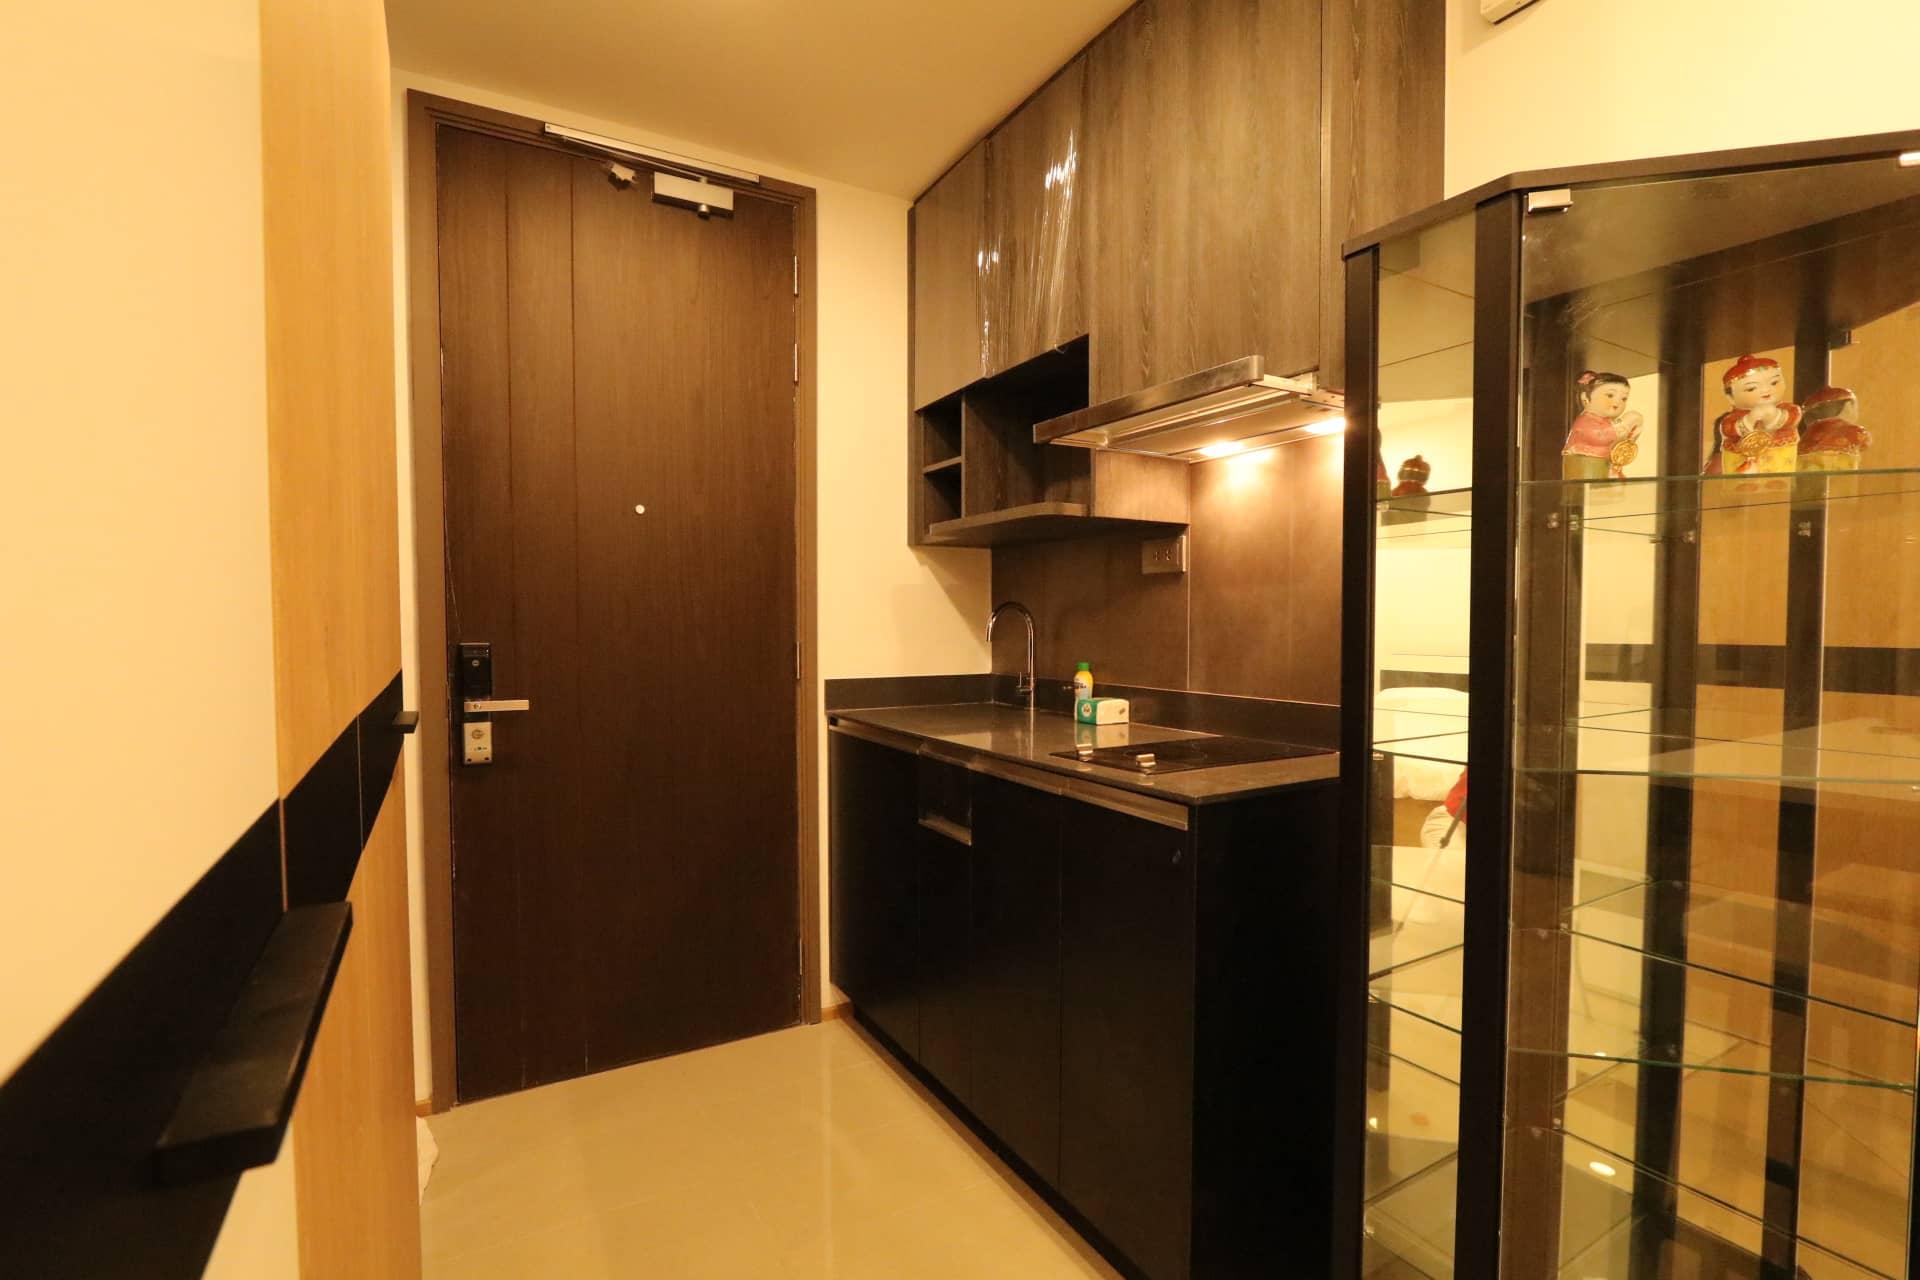 เช่าคอนโดโครงการ Ashton Chula-Silom ชั้น 19 34 ตรม. 1 ห้องนอน 1 ห้องน้ำ